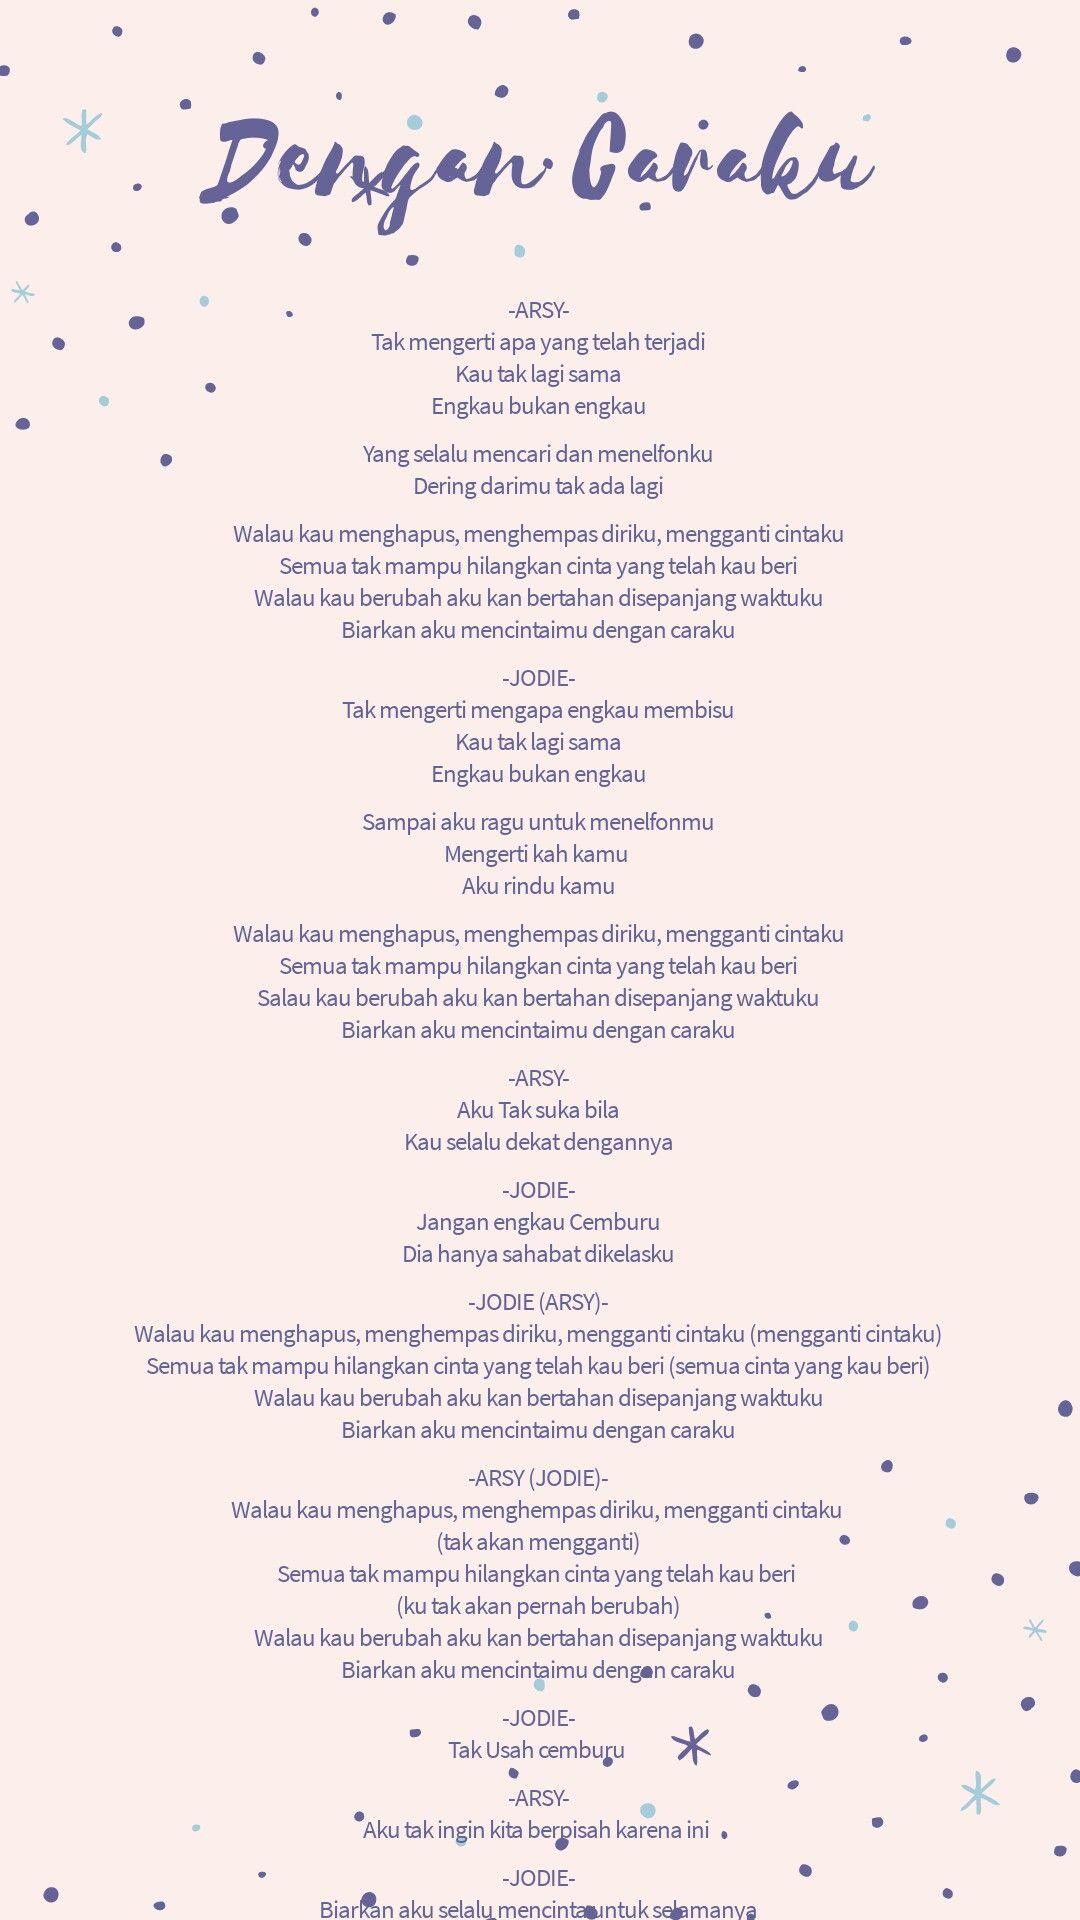 lirik lagu dengan caraku